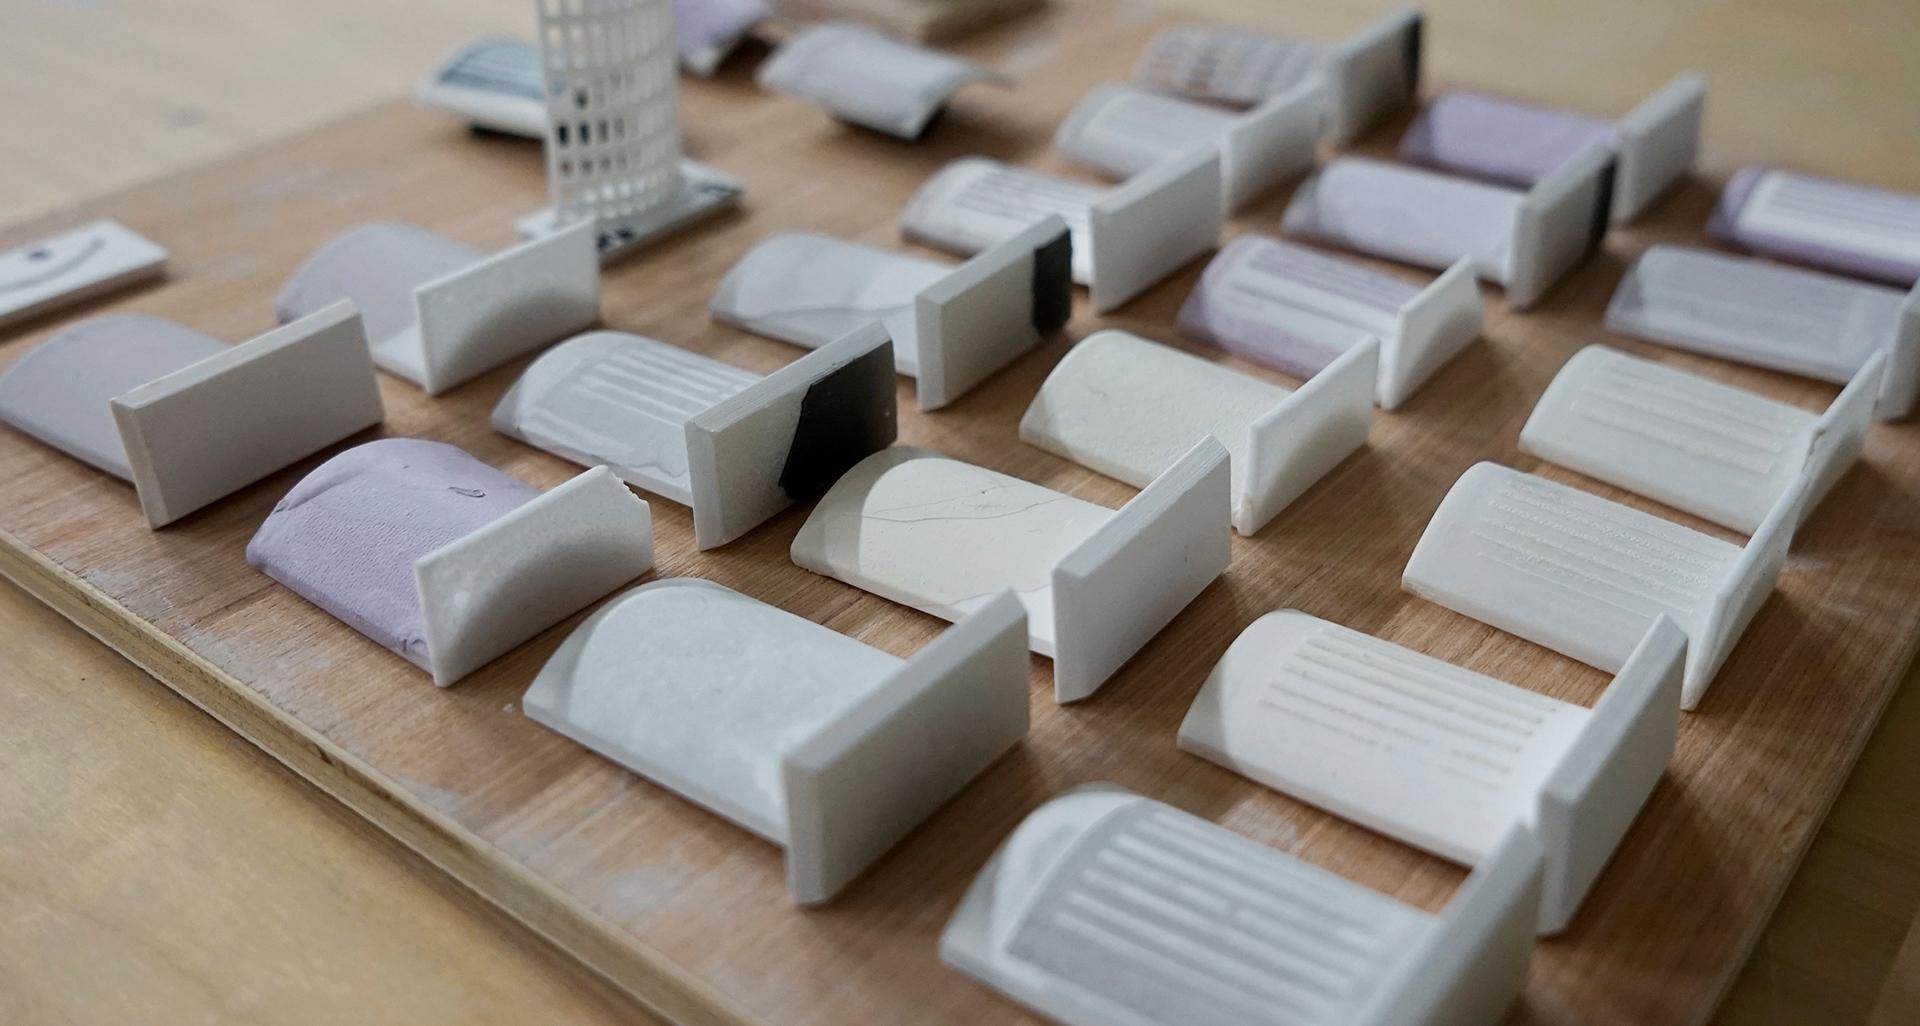 Serie von glasierten und gebrannten 3d-gedruckten Probekörpern aus Keramikmaterial